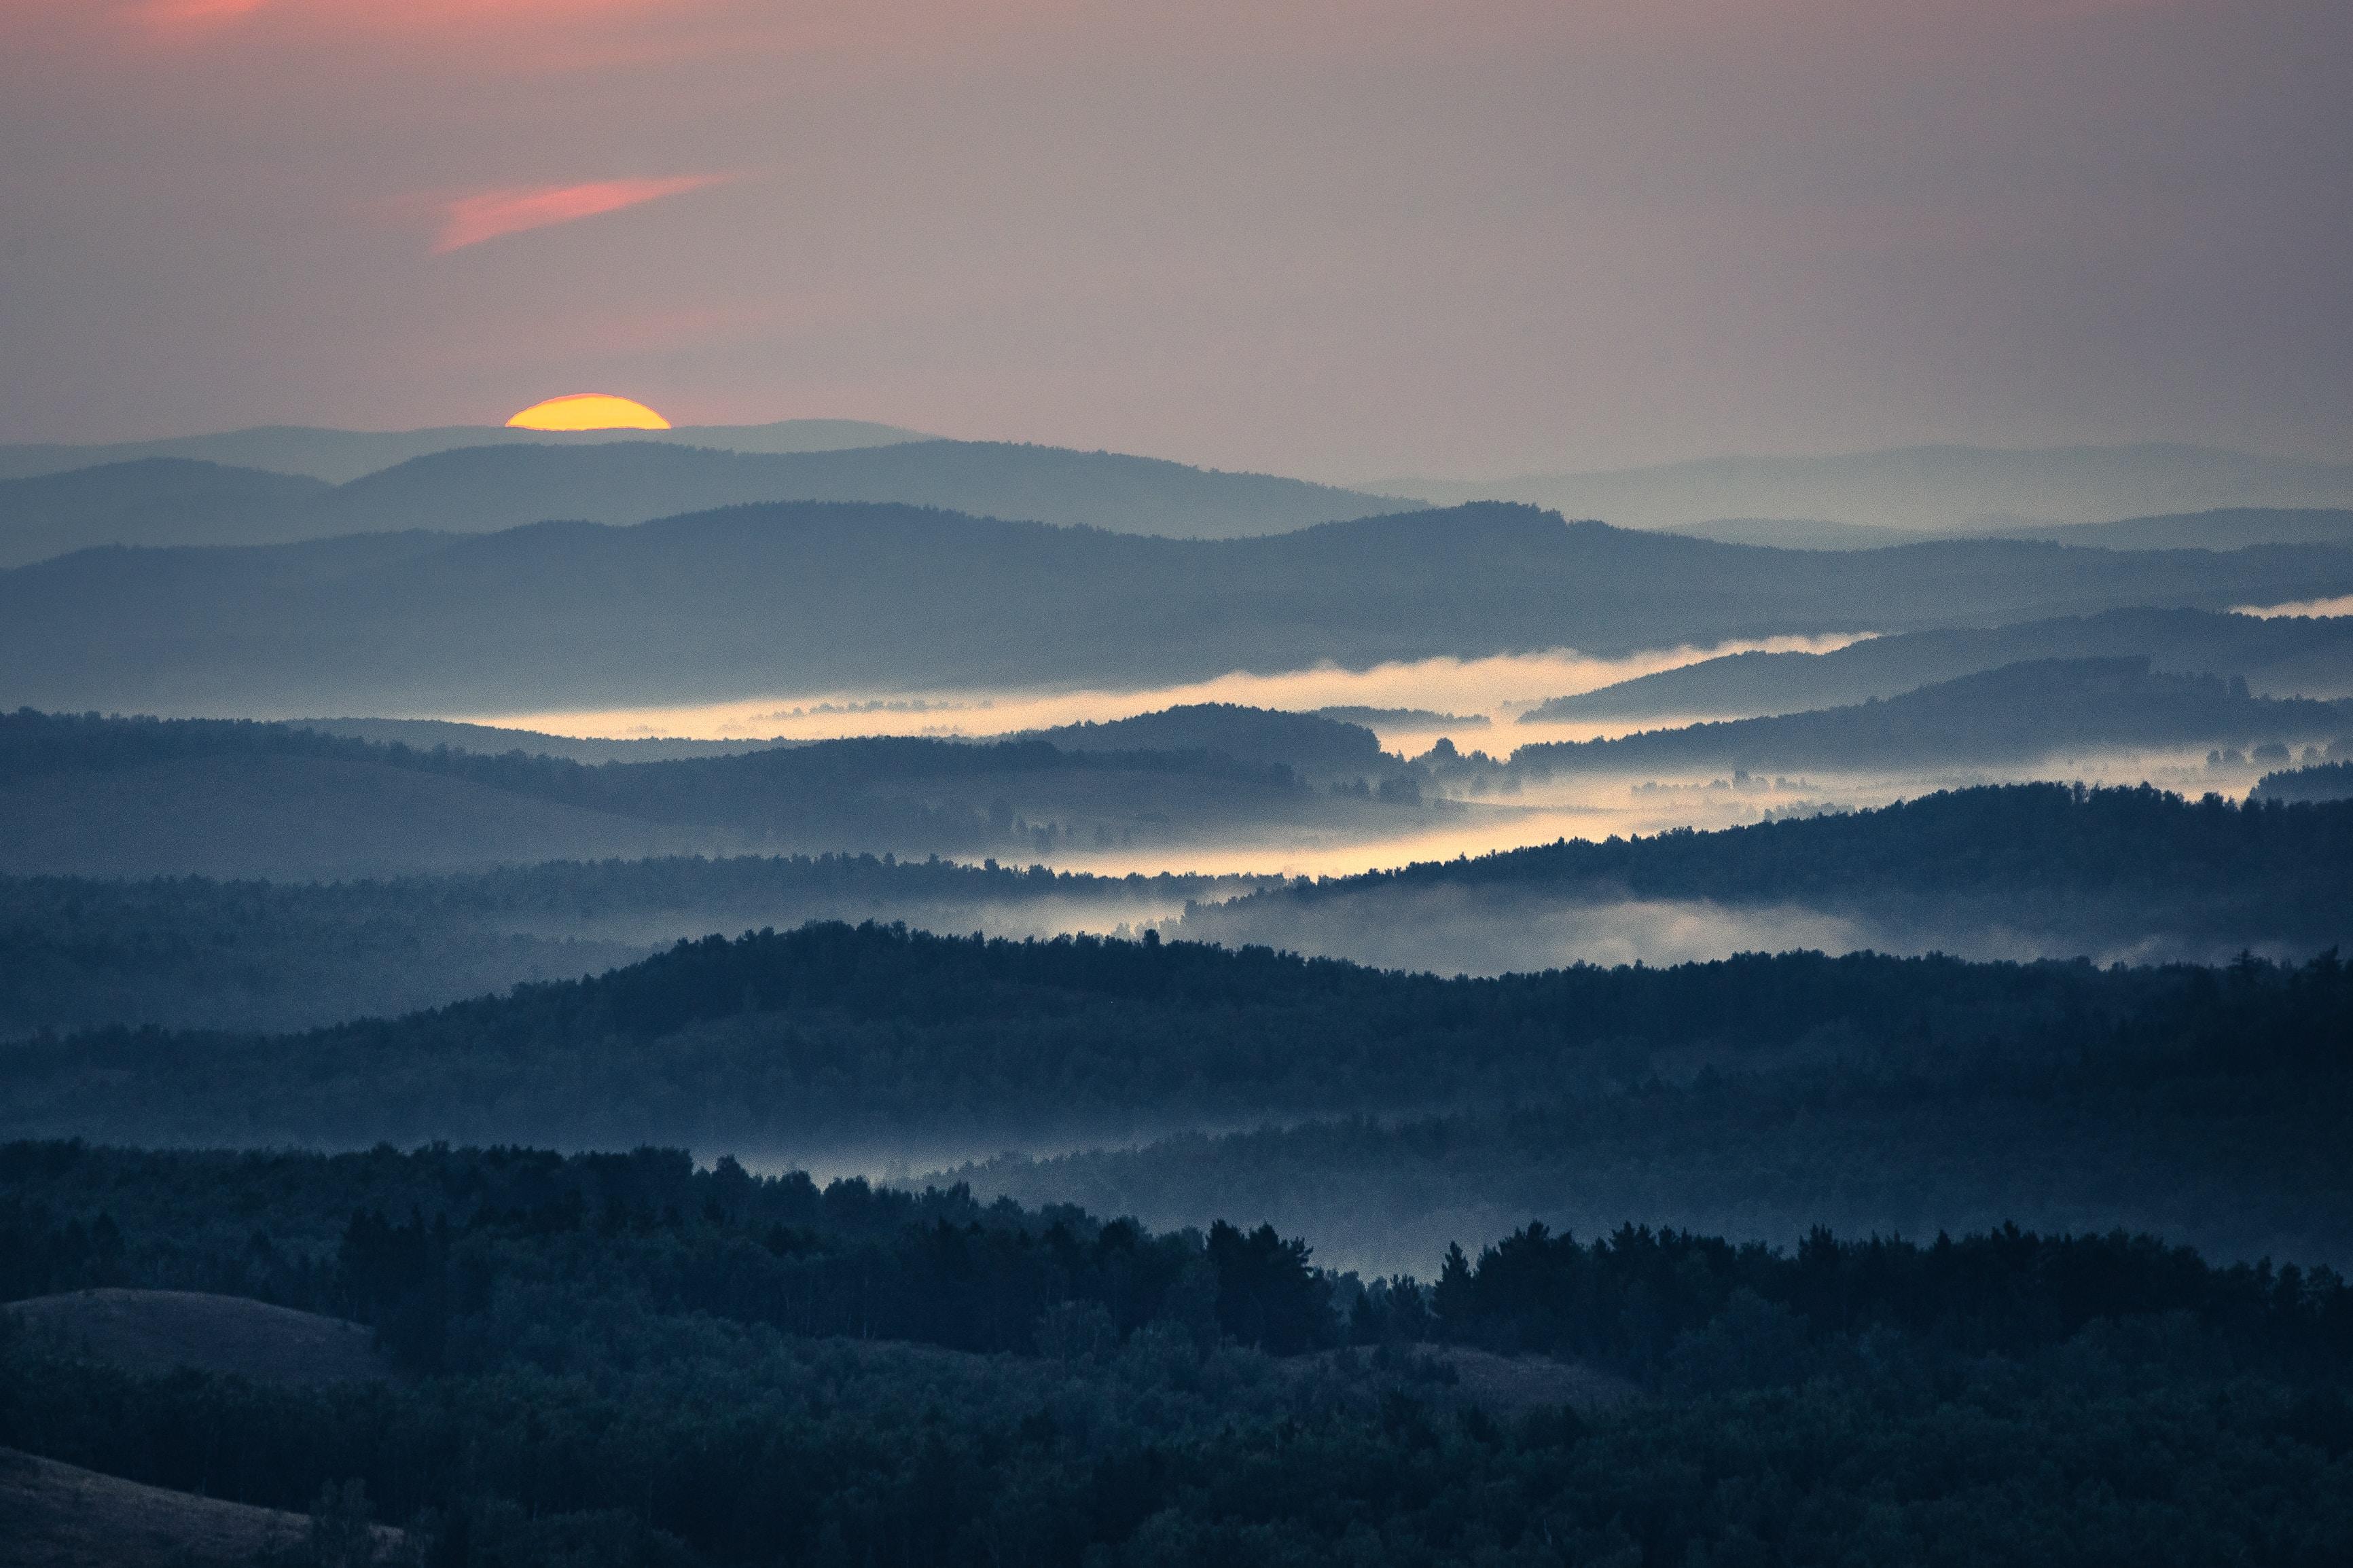 Sunrise at Nurali Ridge South Ural